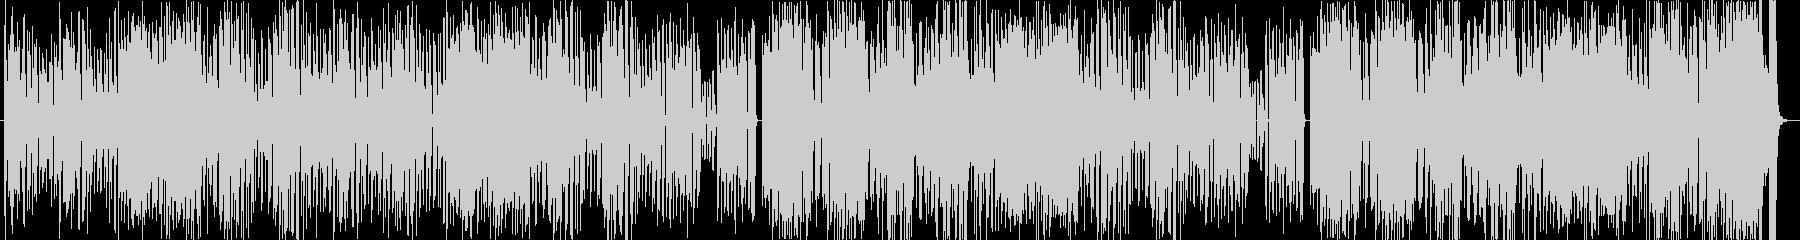 ポップでドタバタコミカルなアニメ風BGMの未再生の波形